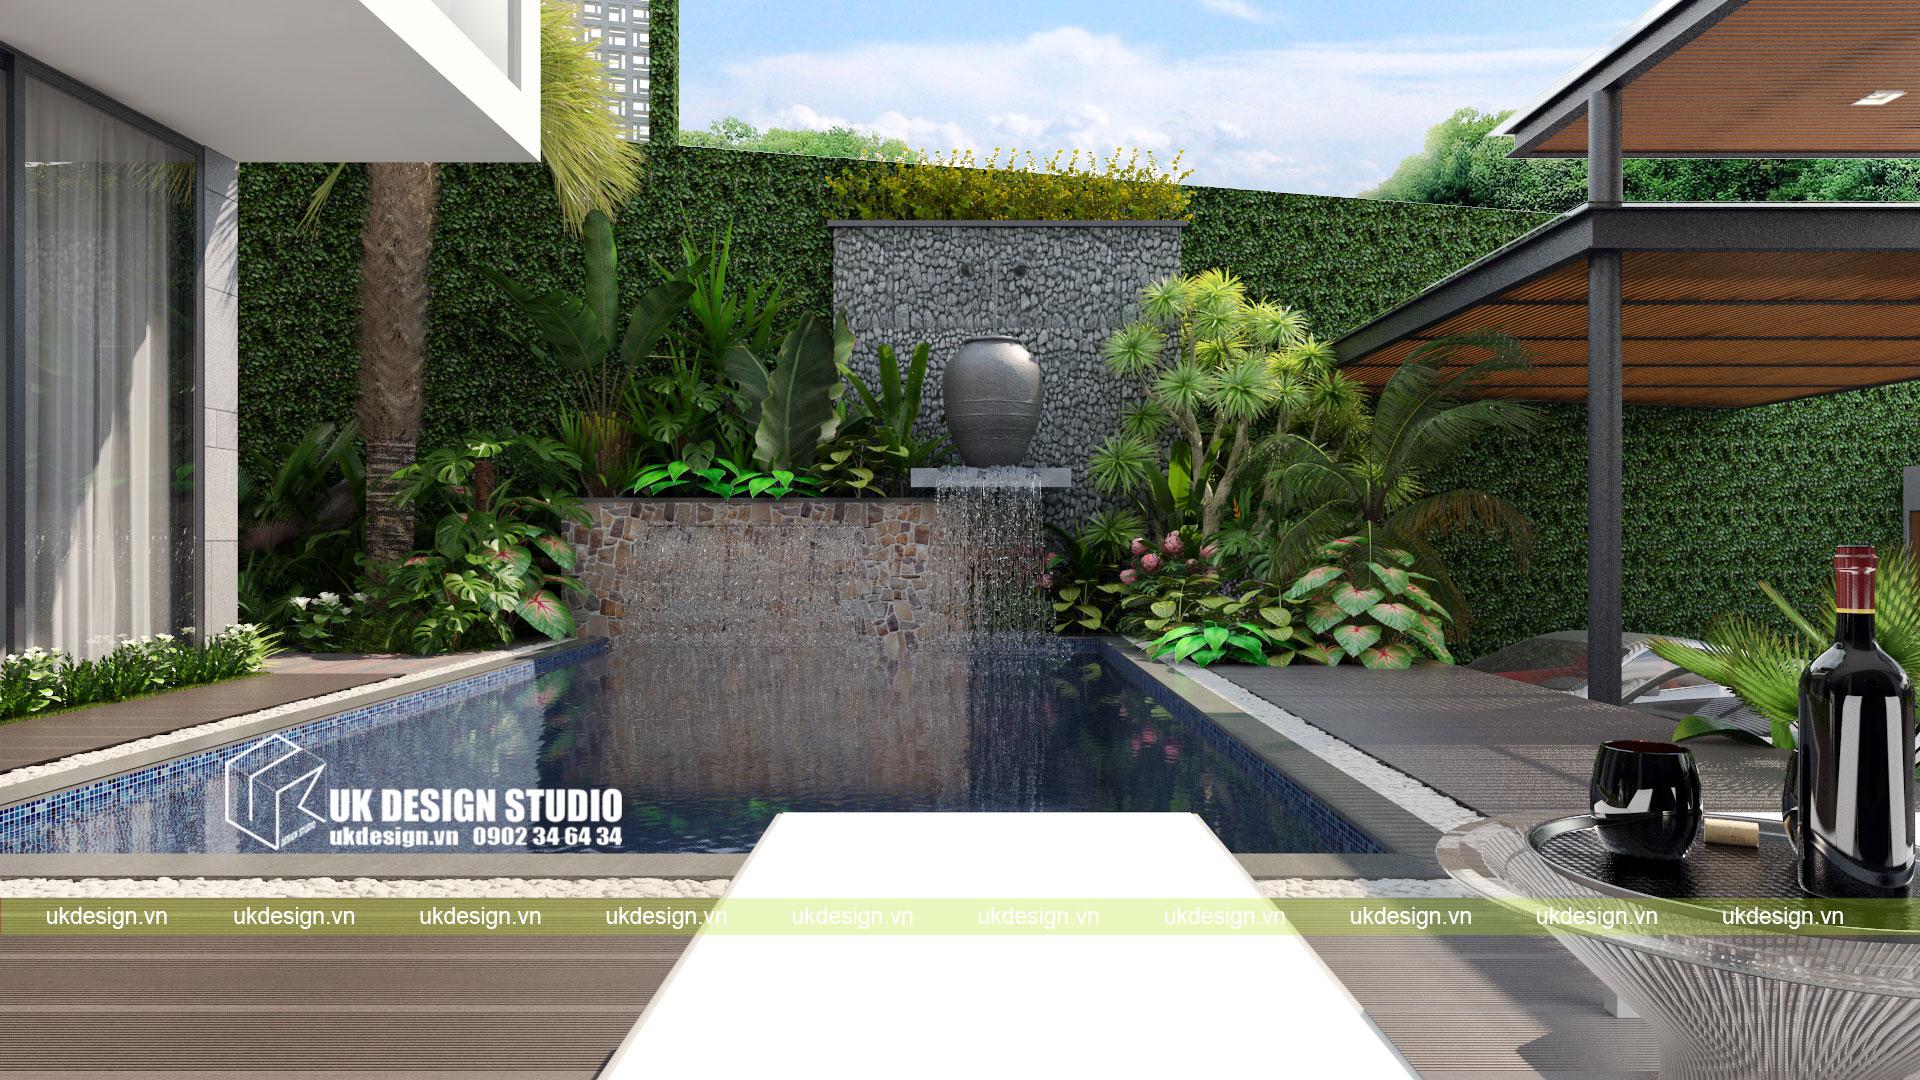 Thiết kế biệt thự vườn có hồ bơi ở Sài Gòn - 9